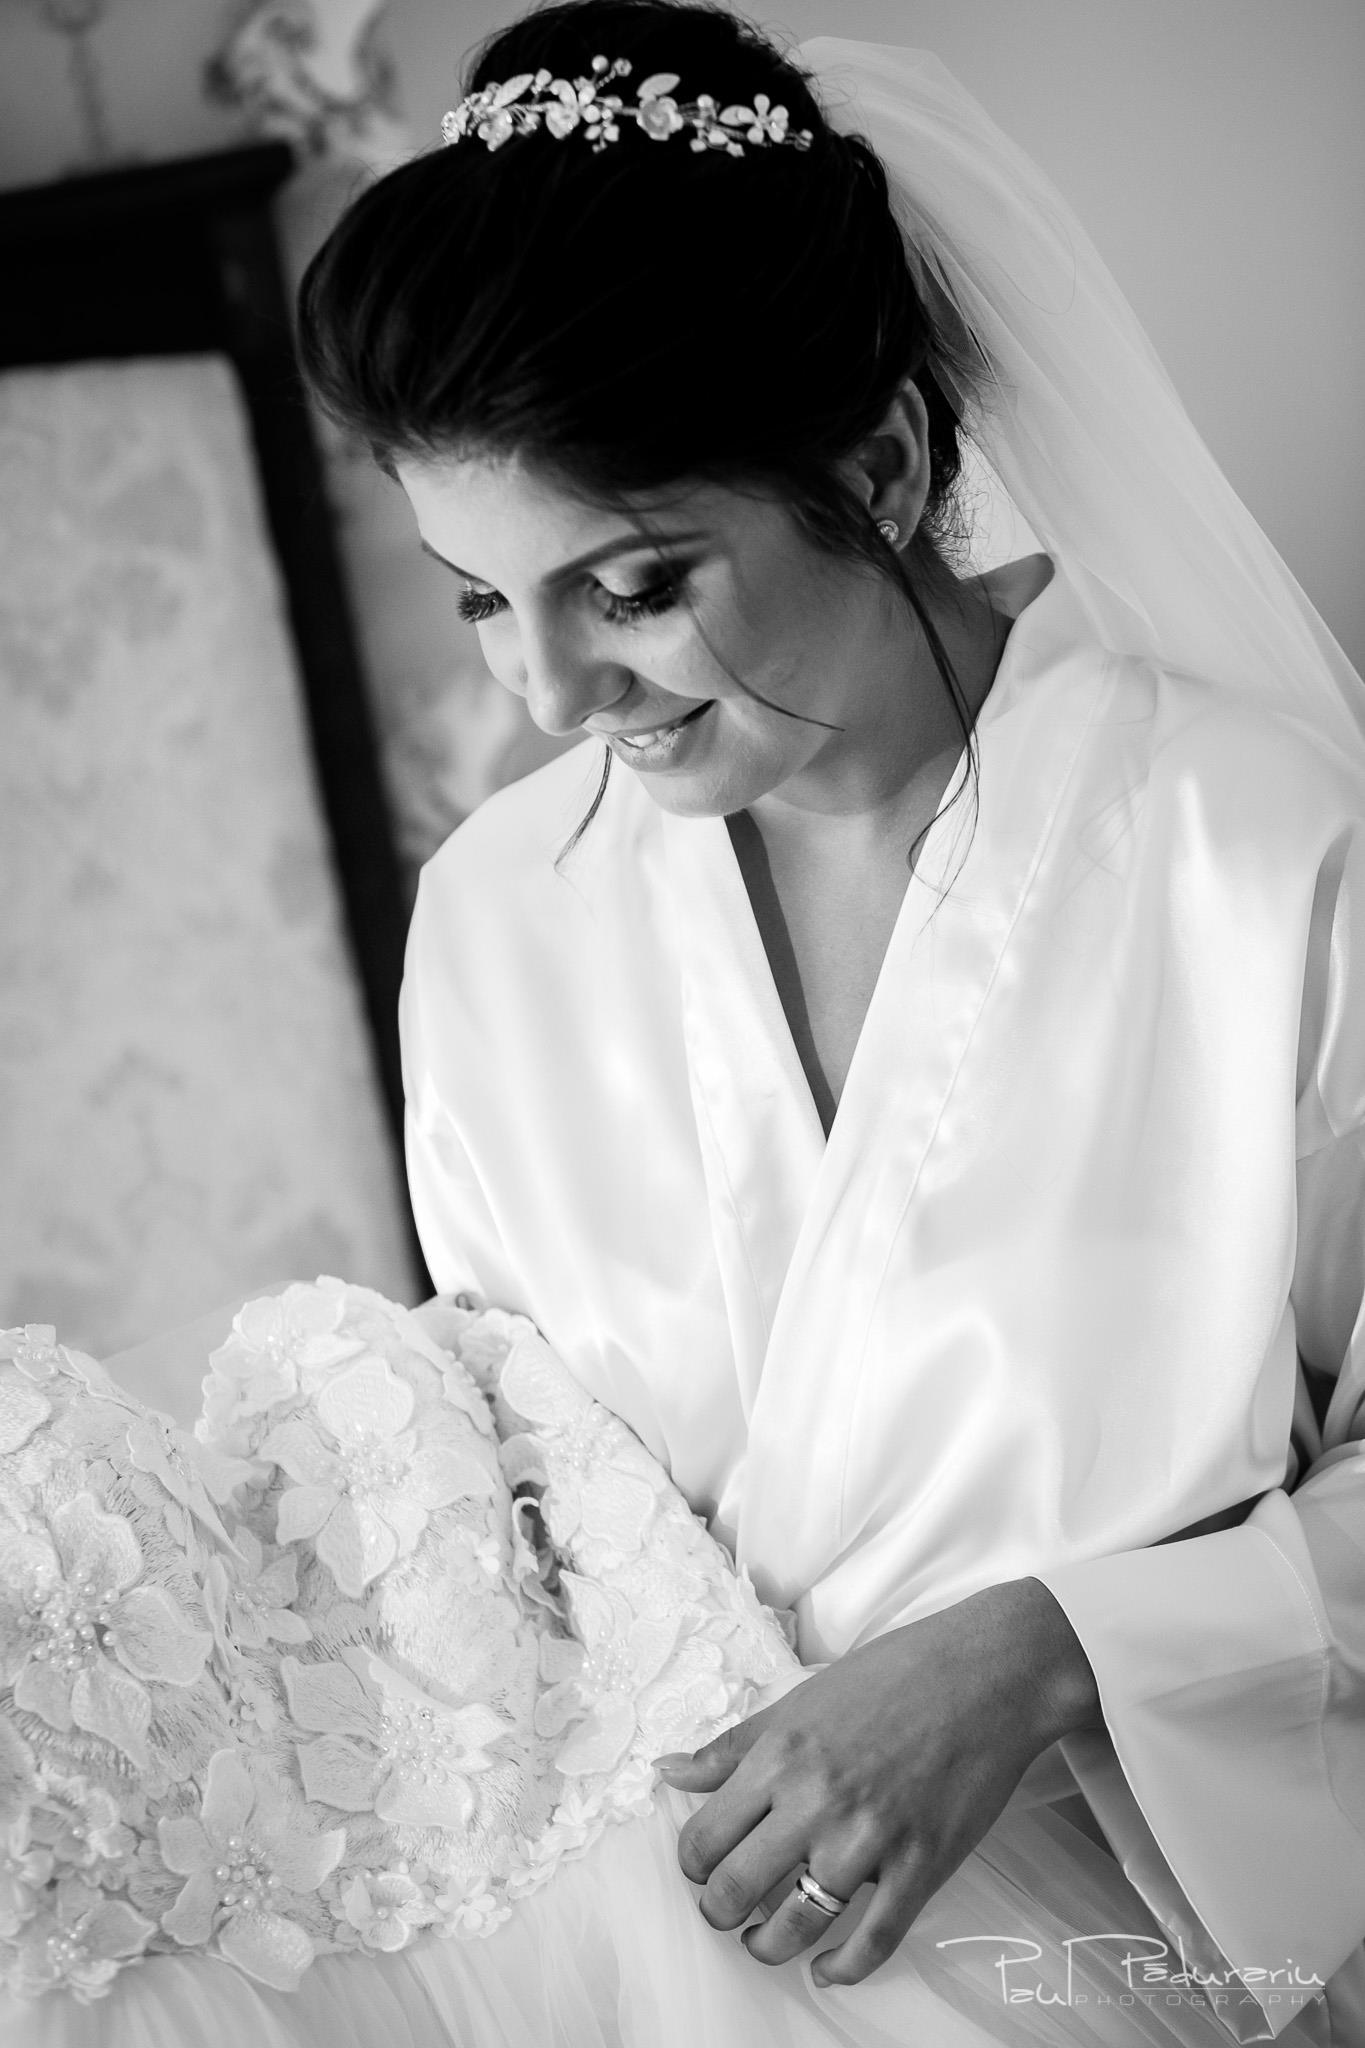 Madalina si Andrei nunta la Castel Iasi BallRoom fotograf profesionist nunta iasi paul padurariu www.paulpadurariu.ro 2018 26